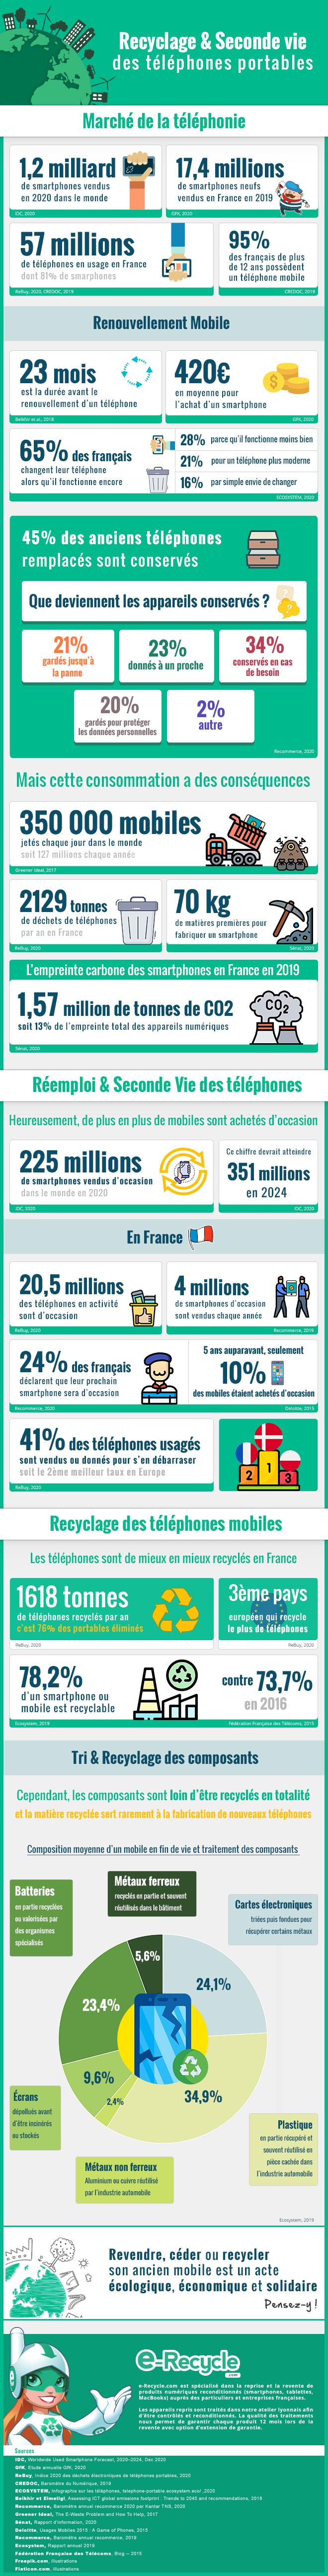 Infographie sur le recyclage et la seconde vie des téléphones © par e-Recycle.com